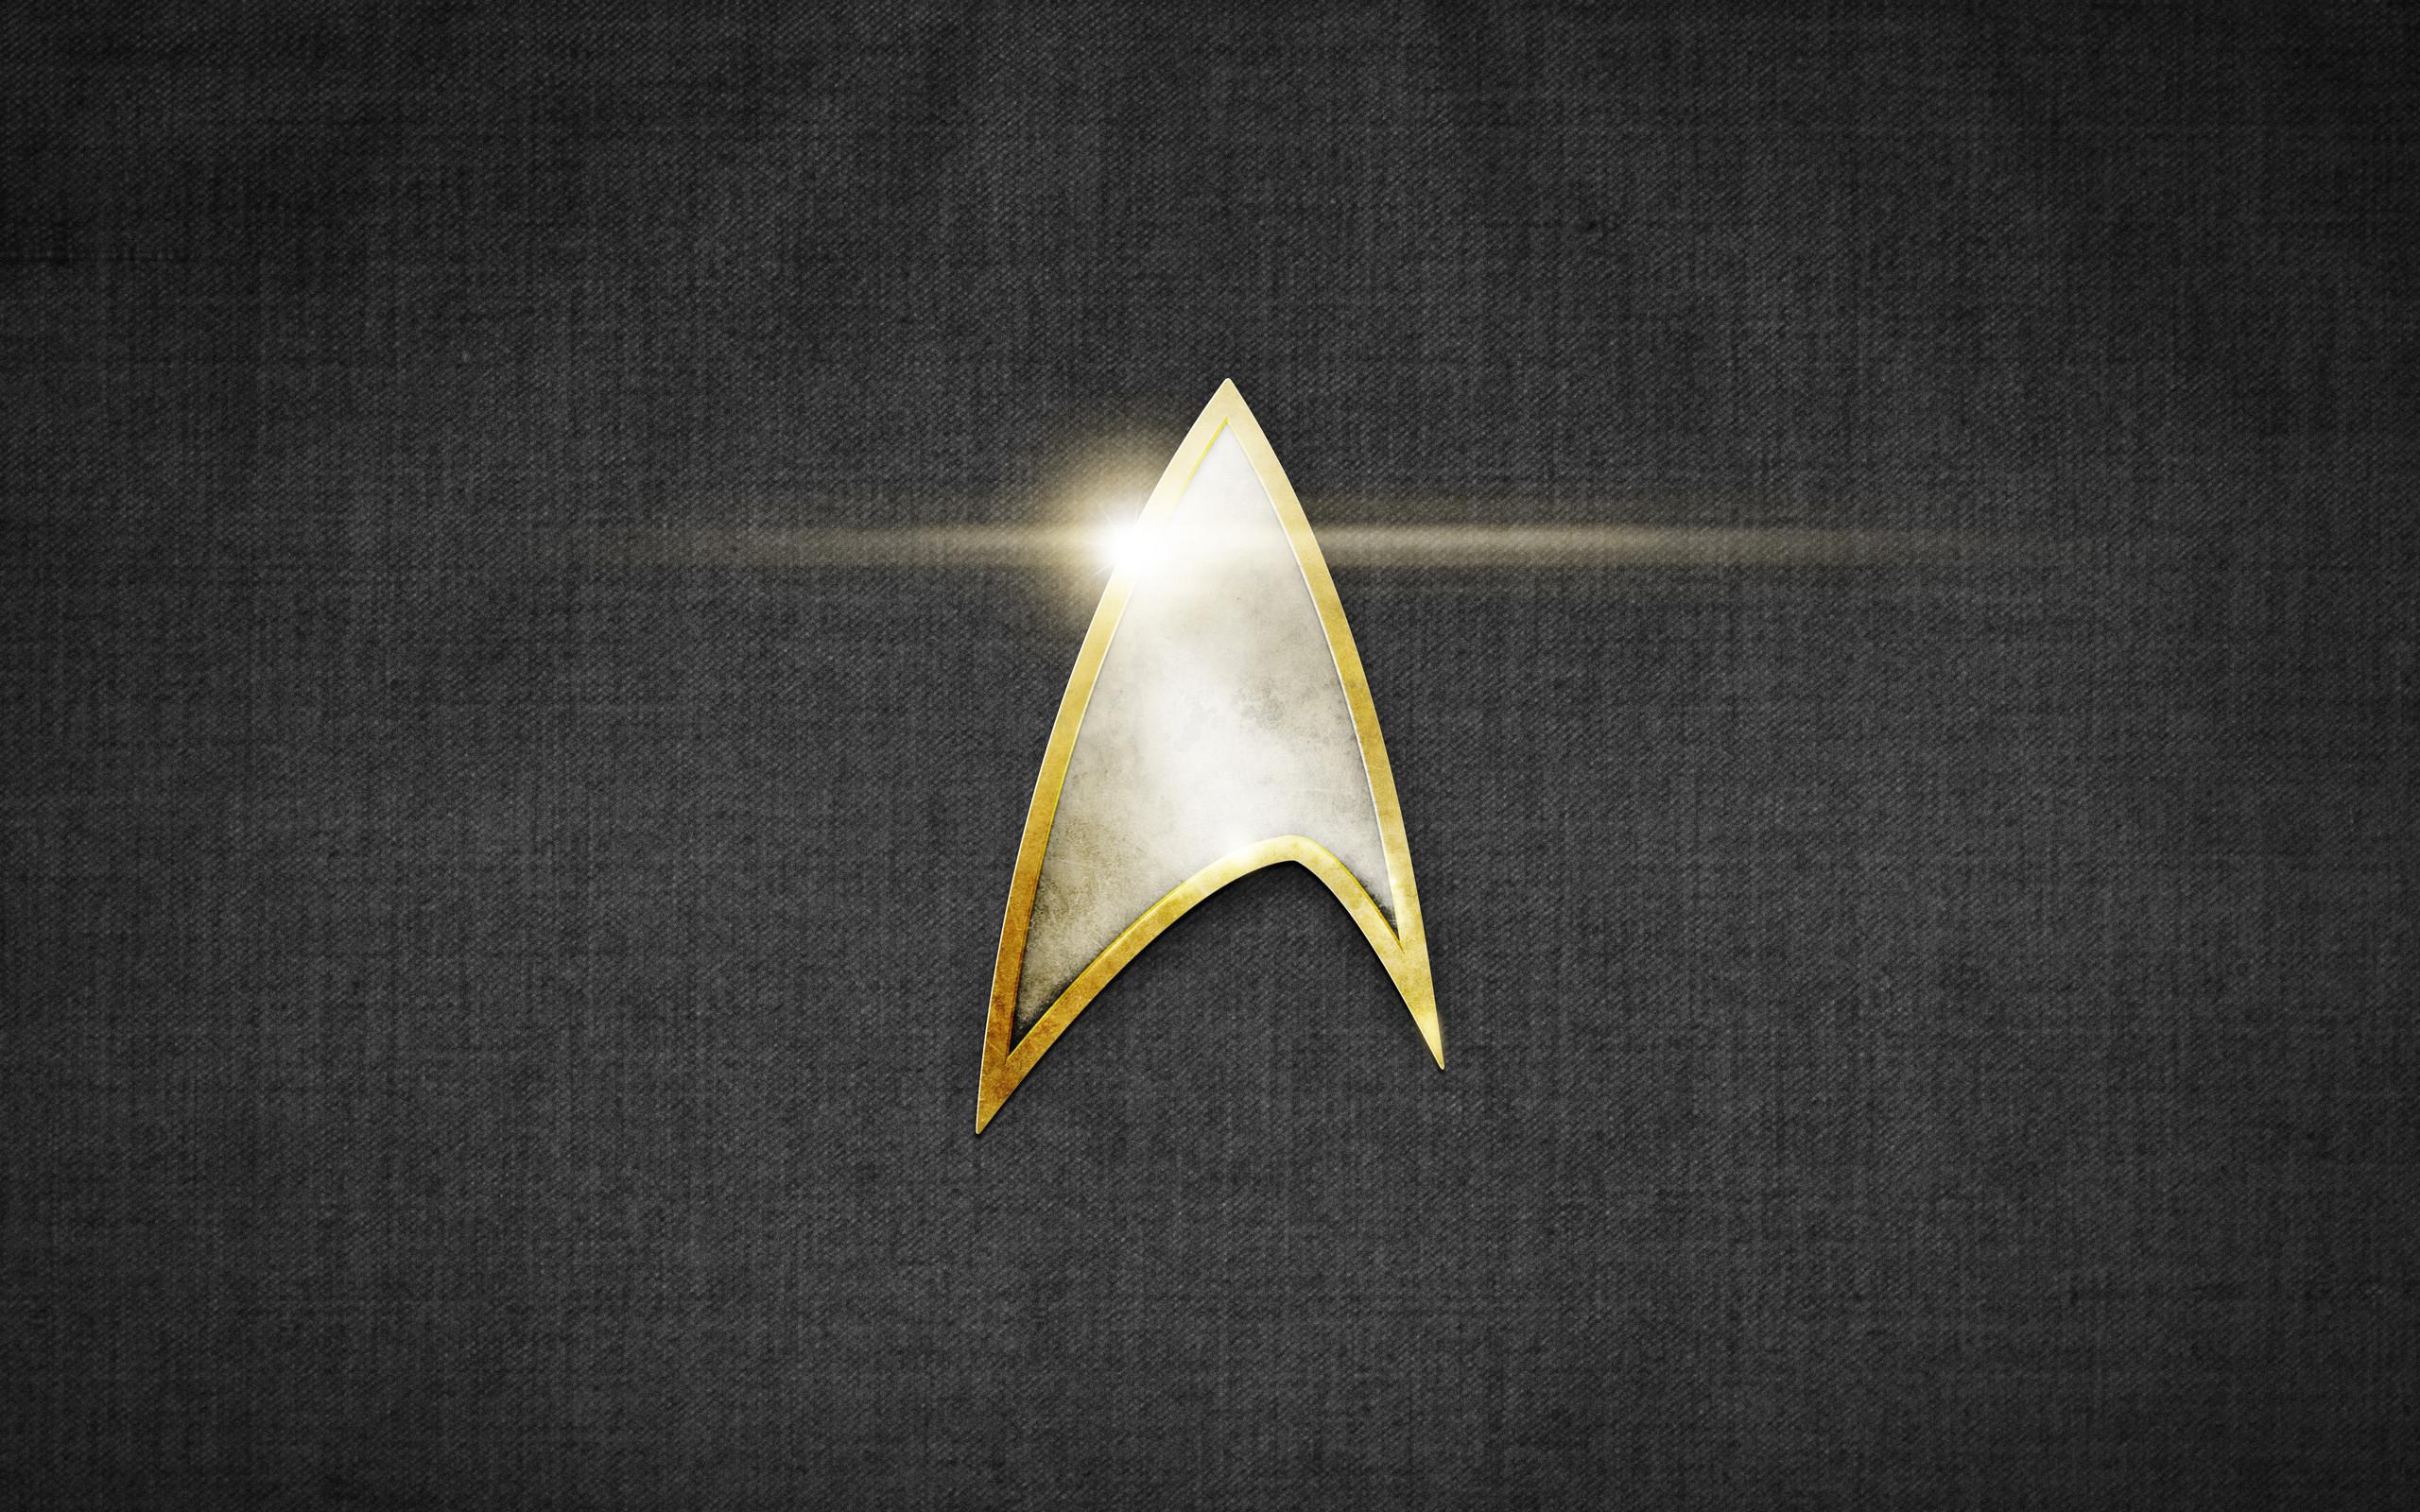 … Star Trek (12) …